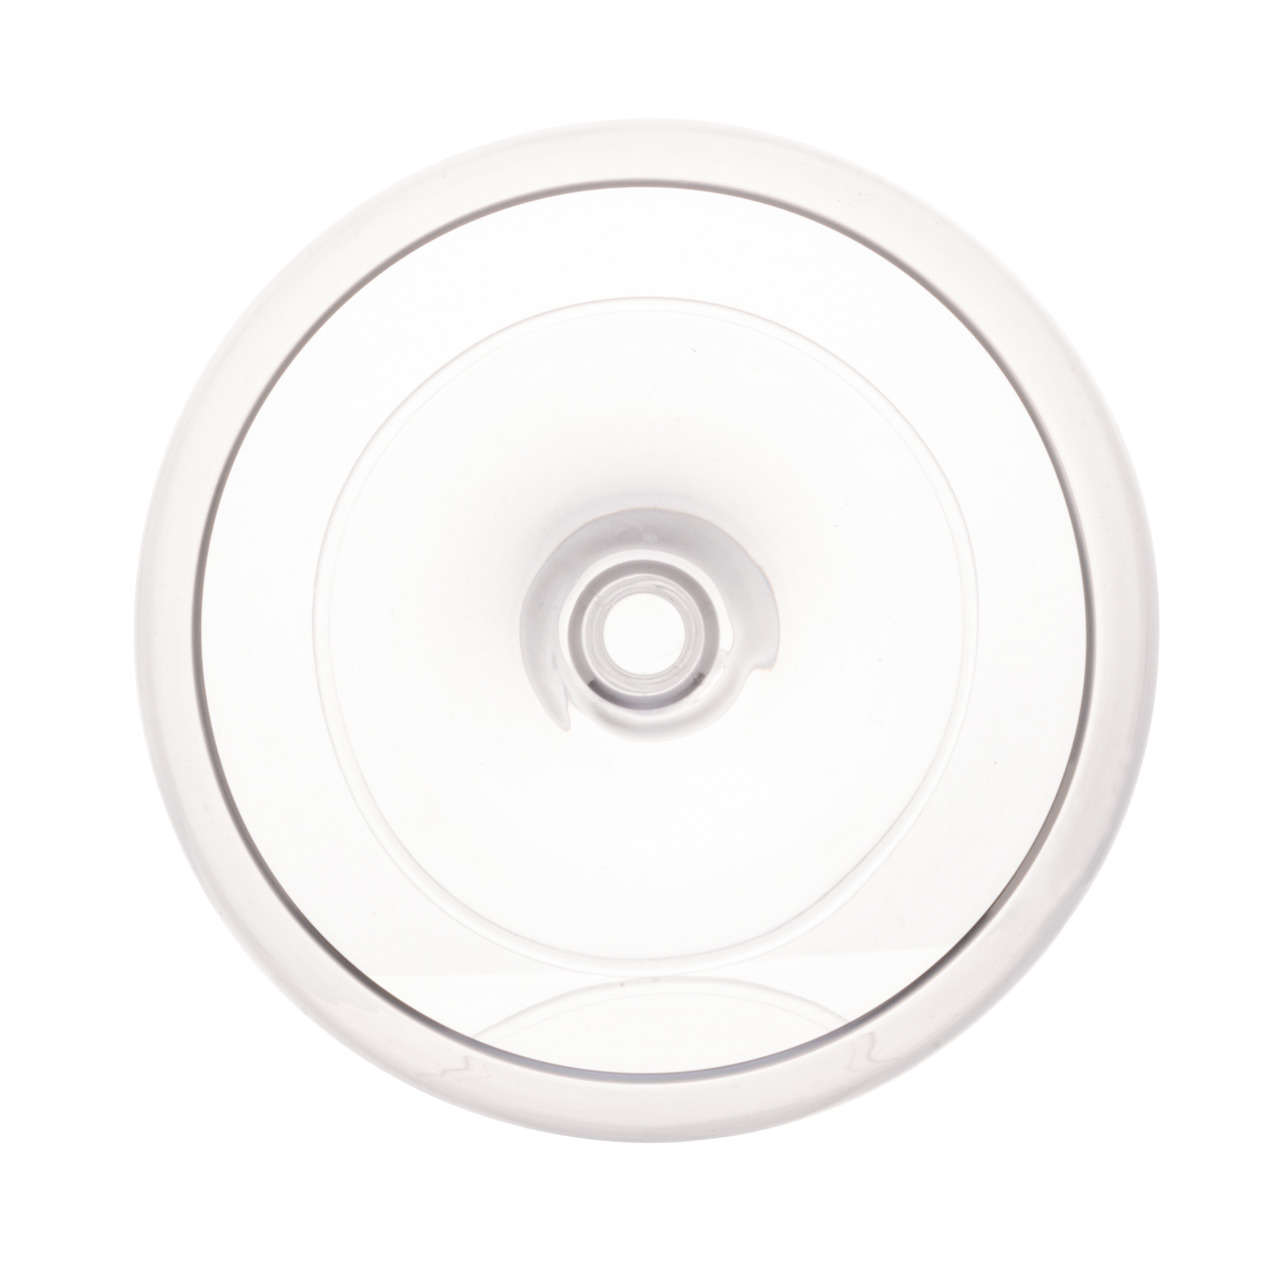 Taça para Degustação Gin de Cristal Ecológico 600ml  - Lemis